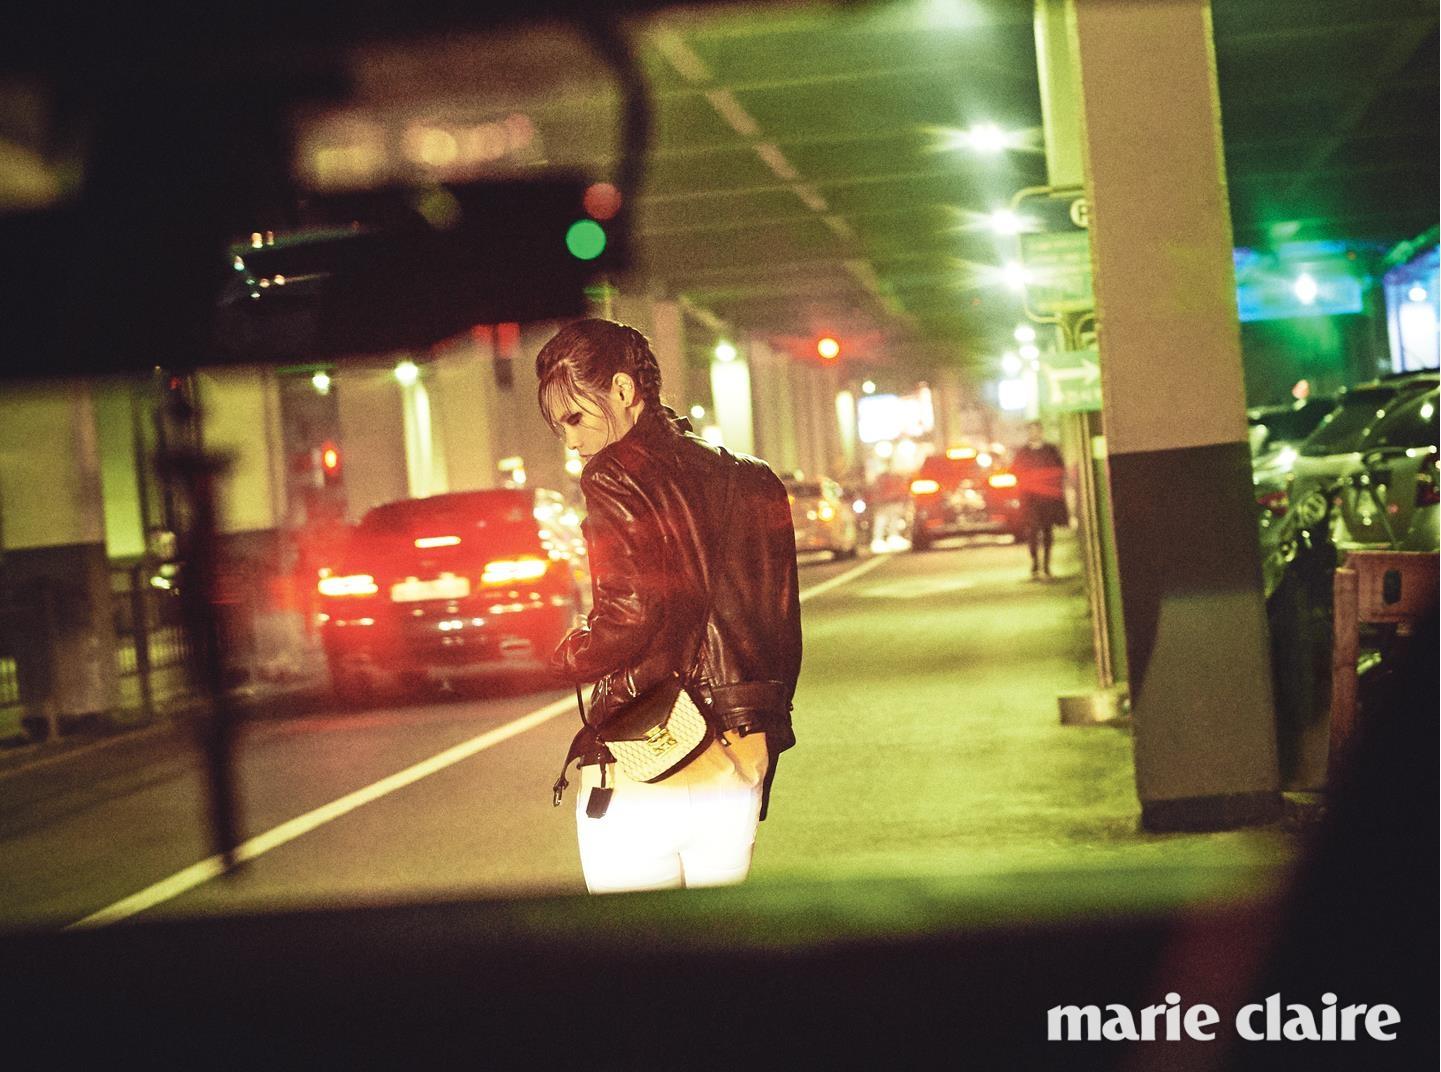 블랙 레더 우먼 라이더 재킷 1백95만원, 체크 패턴 페트리샤 룸비 숄더백 미니 사이즈 76만5천원 모두 엠씨엠(MCM).